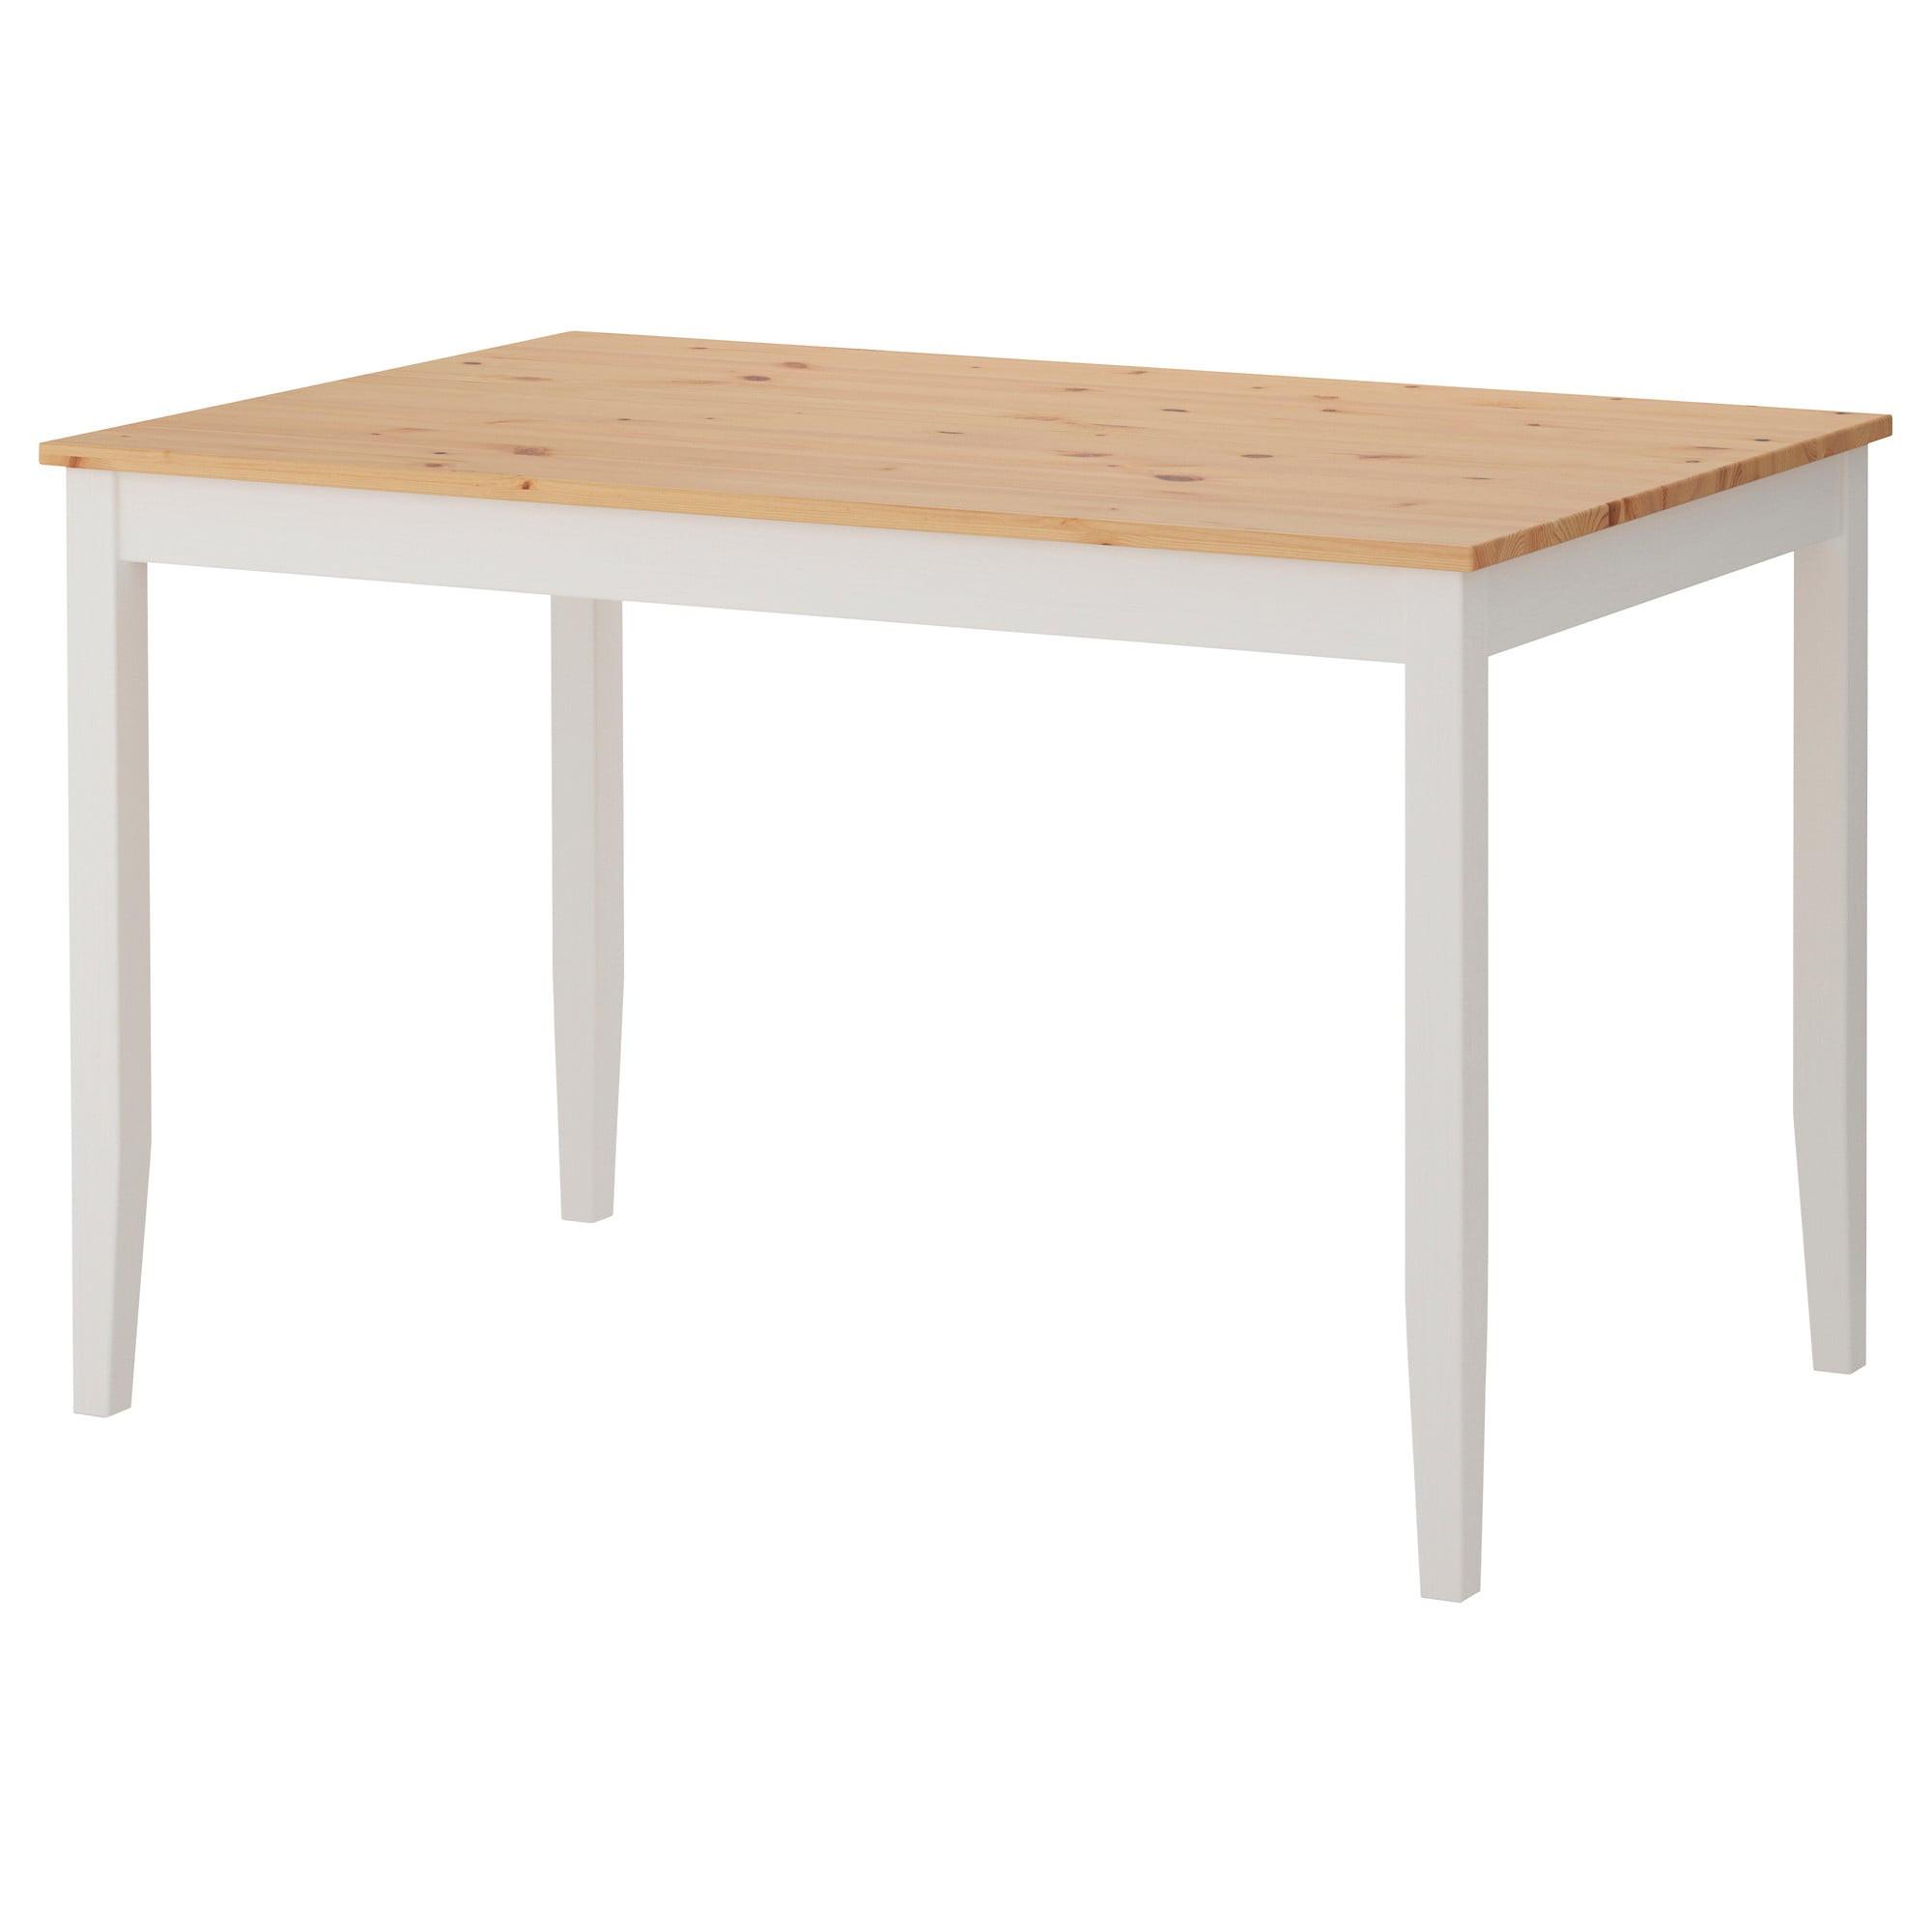 Full Size of Ikea Tisch Rund Modulküche Küche Kaufen Betten Bei 160x200 Kosten Miniküche Sofa Mit Schlaffunktion Wohnzimmer Gartentisch Ikea